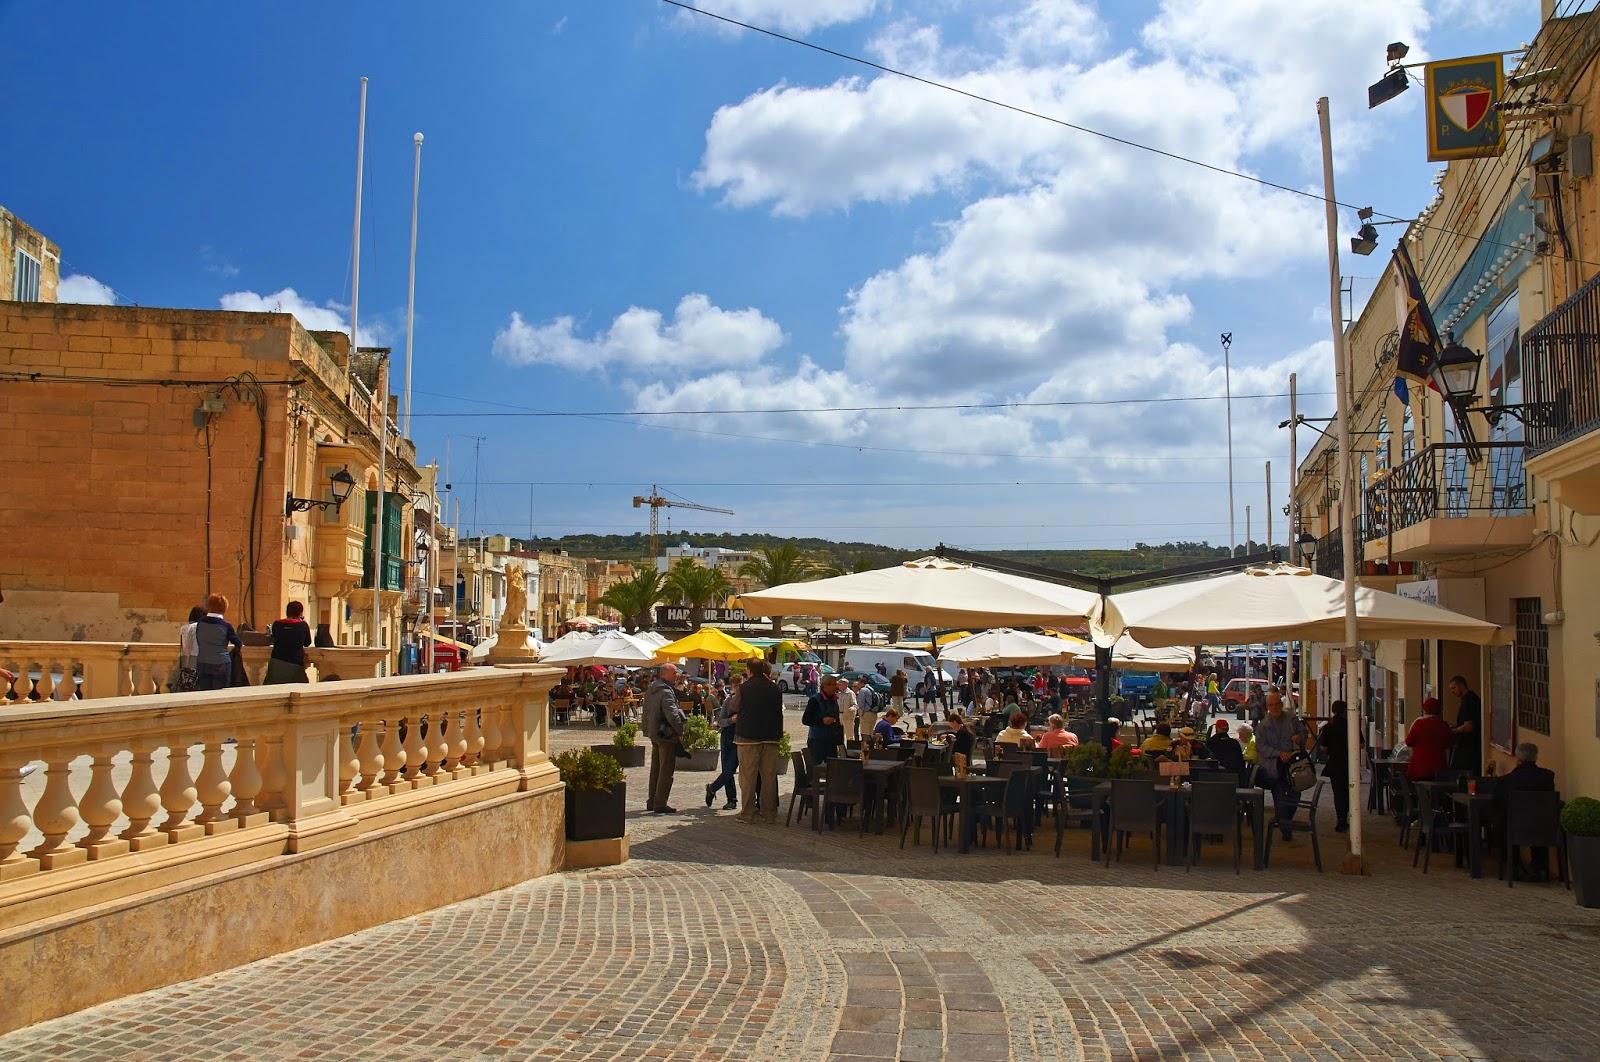 centrum miasta Marsaxlokk